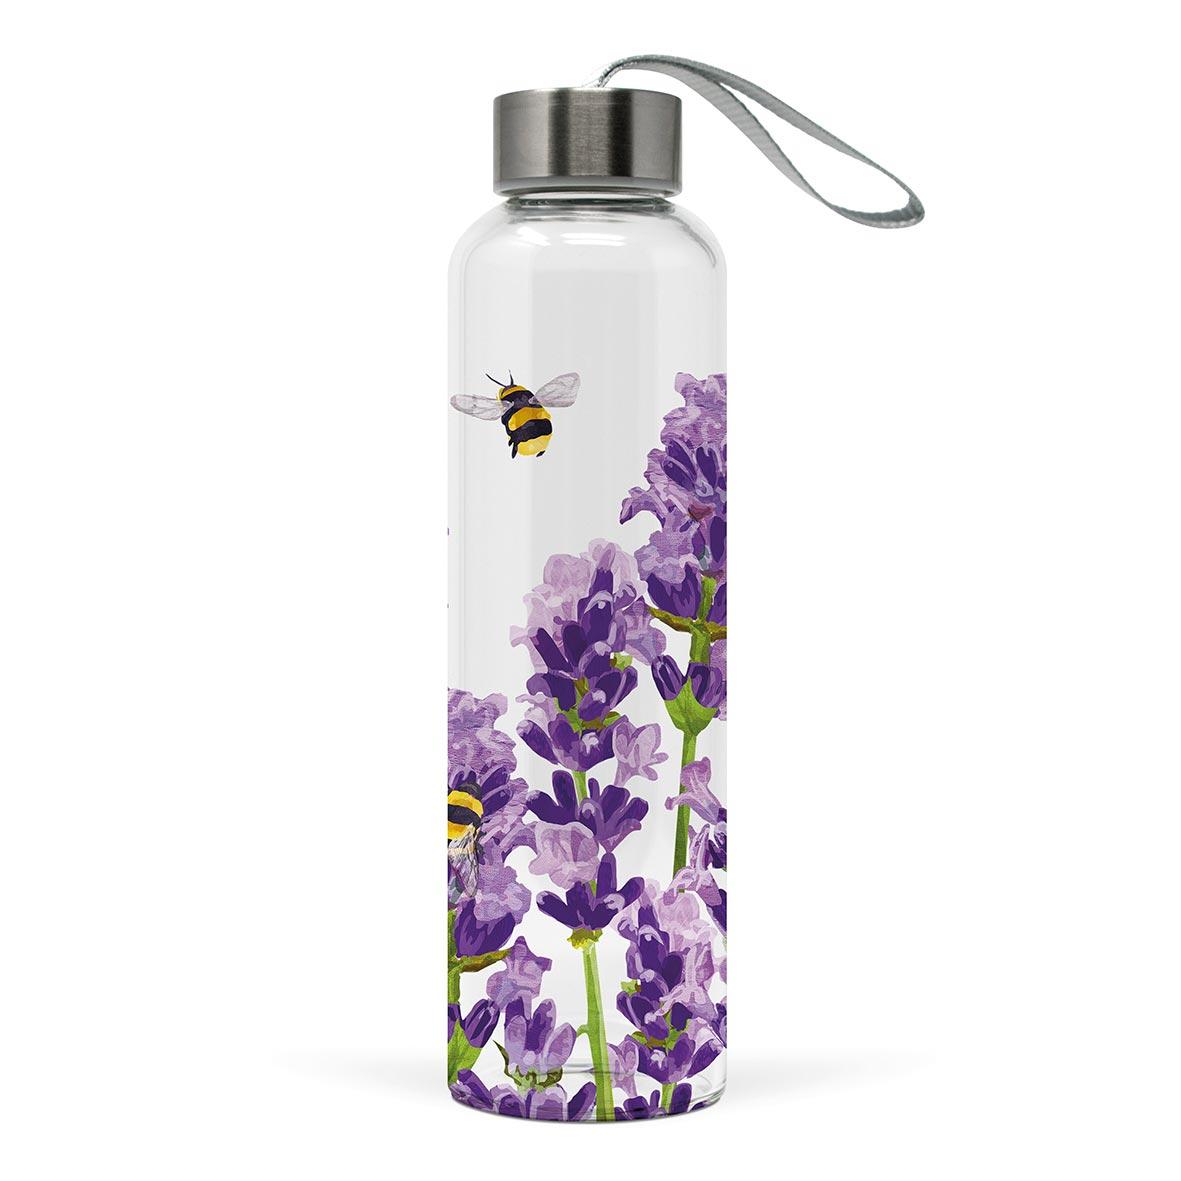 Bees & Lavender Bottle